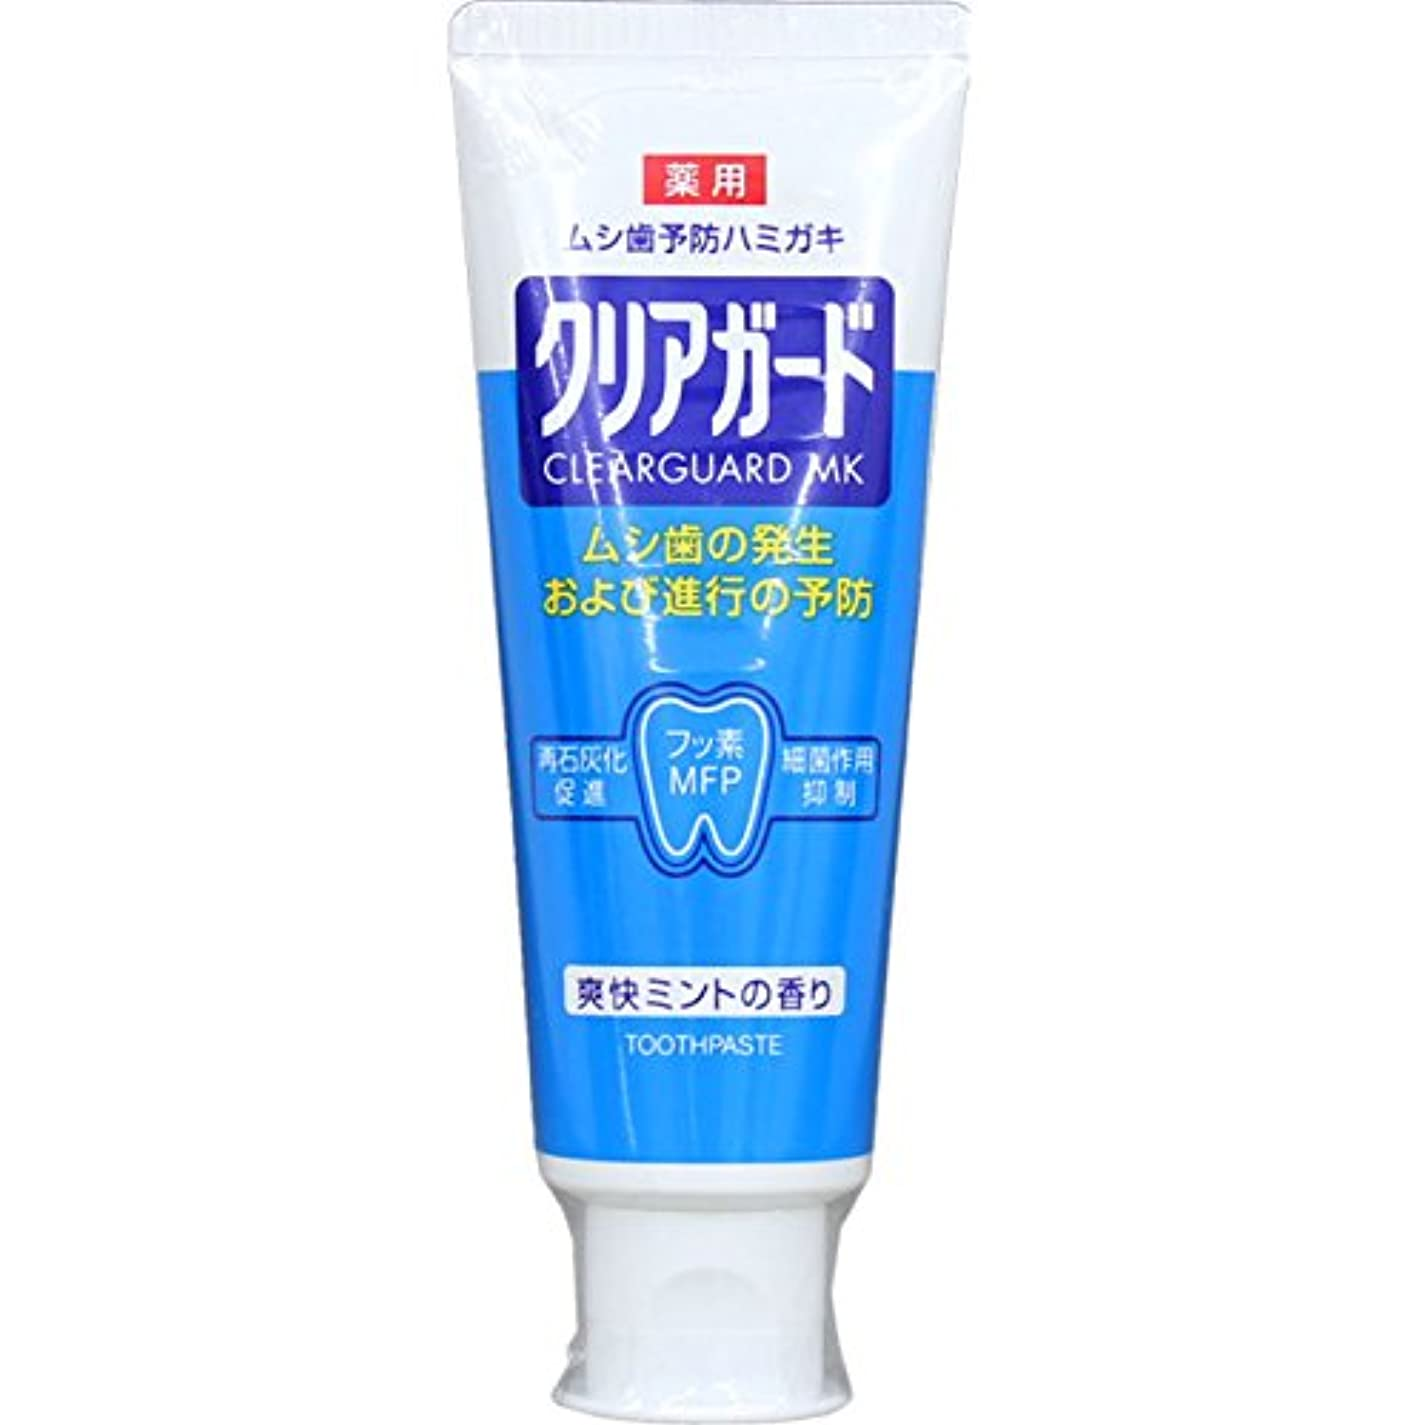 なる長さズームMK 薬用クリアガード 160g (医薬部外品)